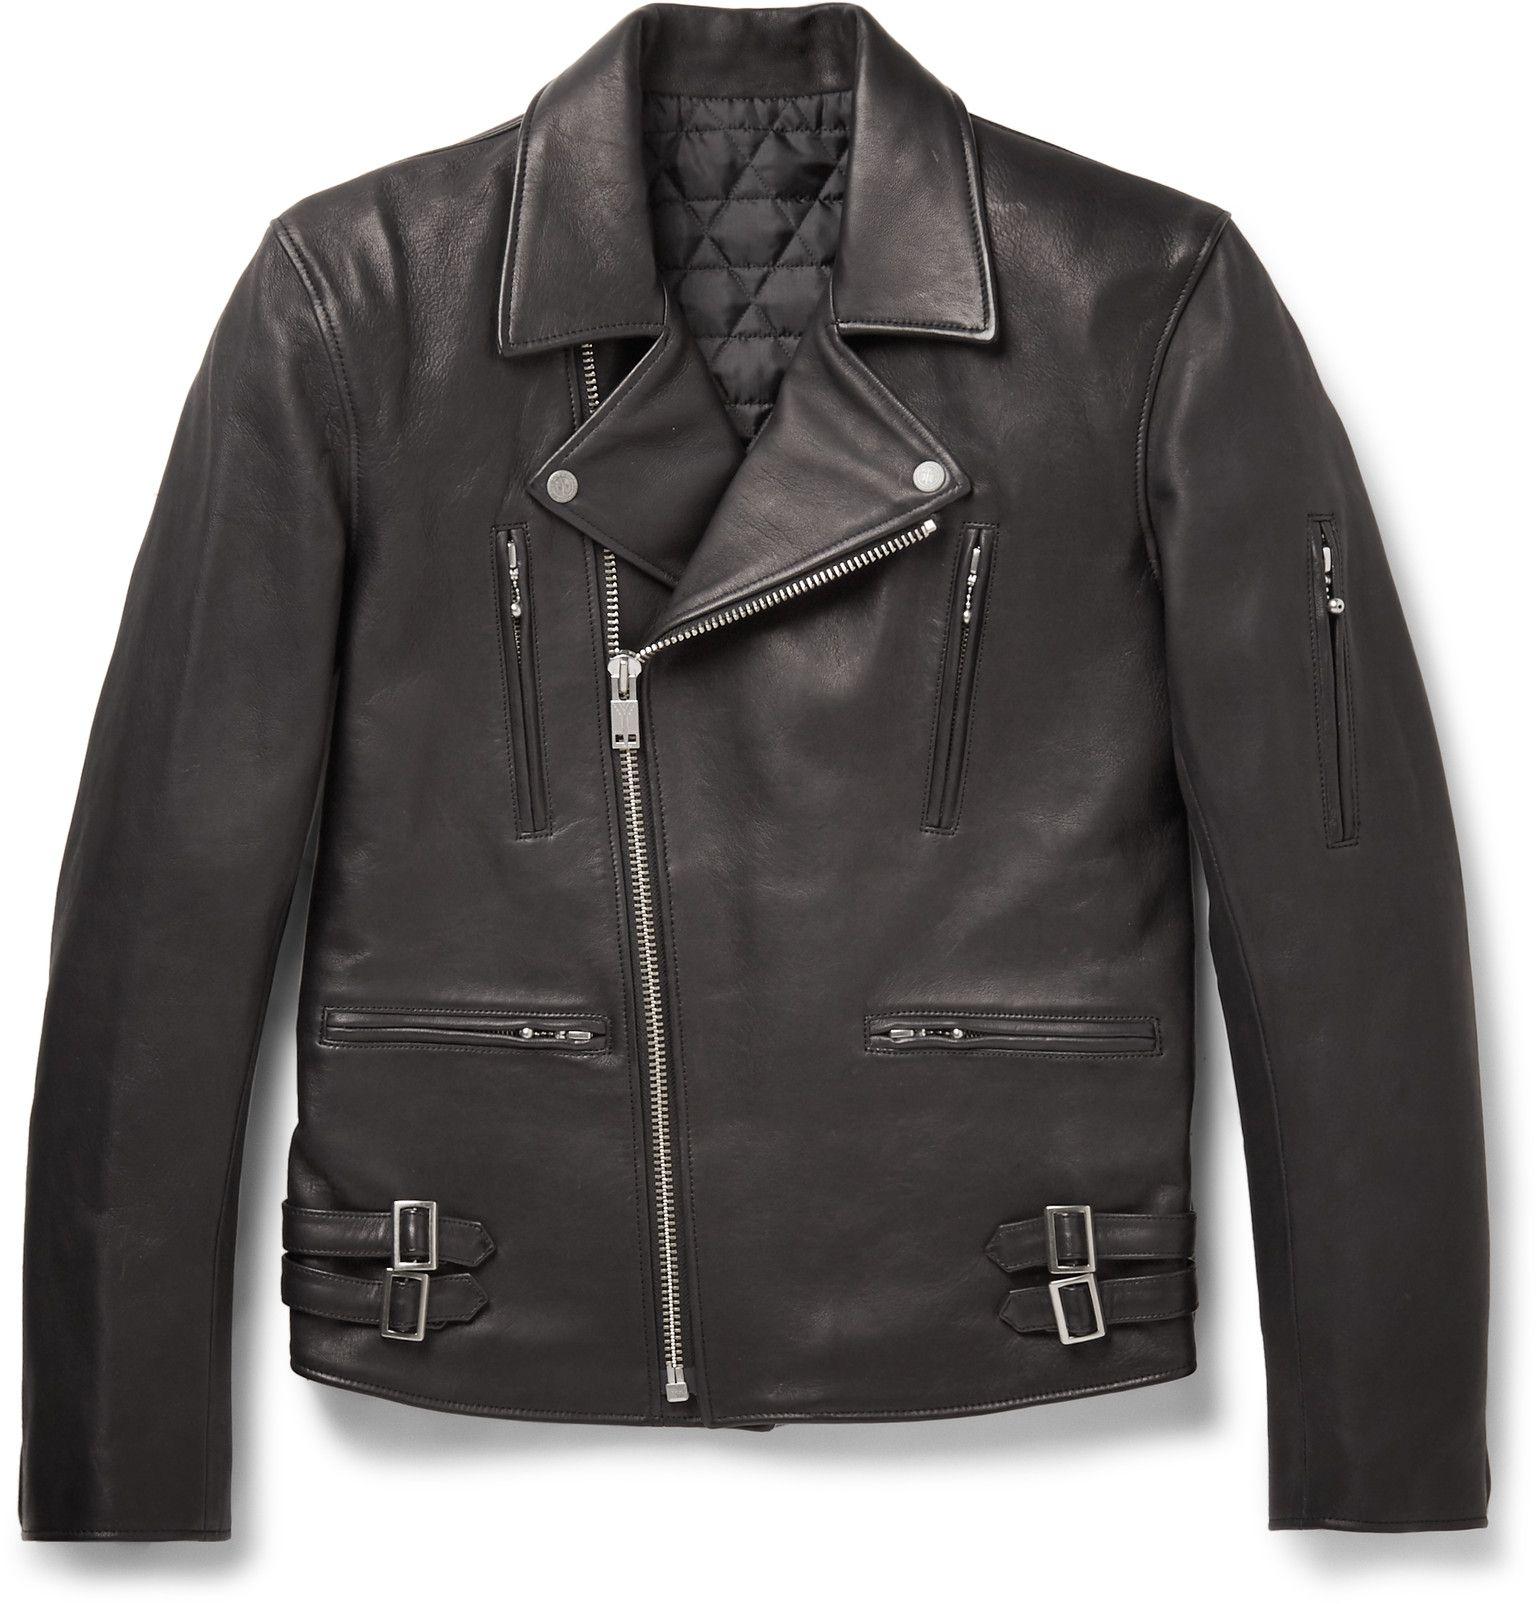 Blackmeans Leather Biker Jacket Jackets Biker Jacket Mens Jackets [ 1604 x 1536 Pixel ]